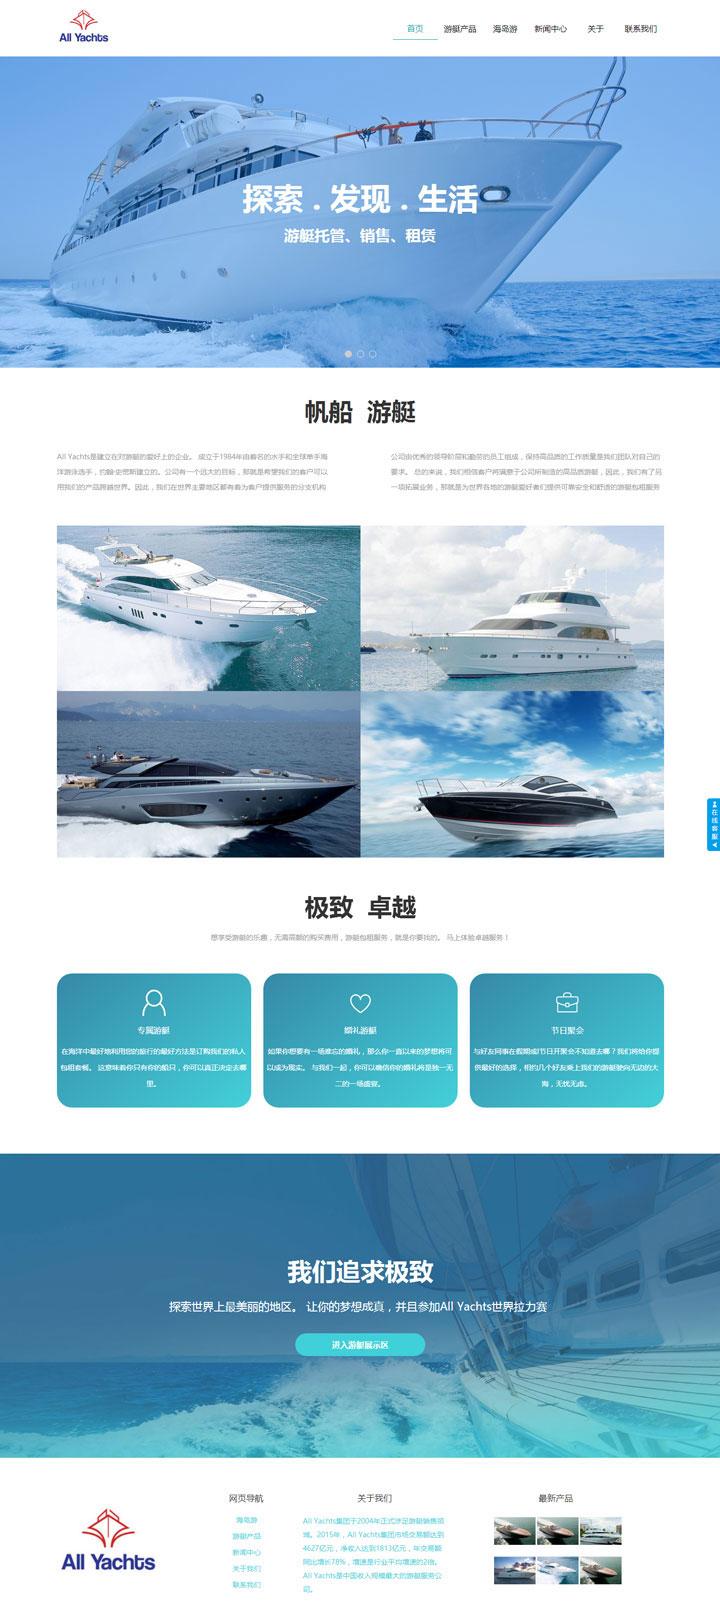 游艇展示型网站